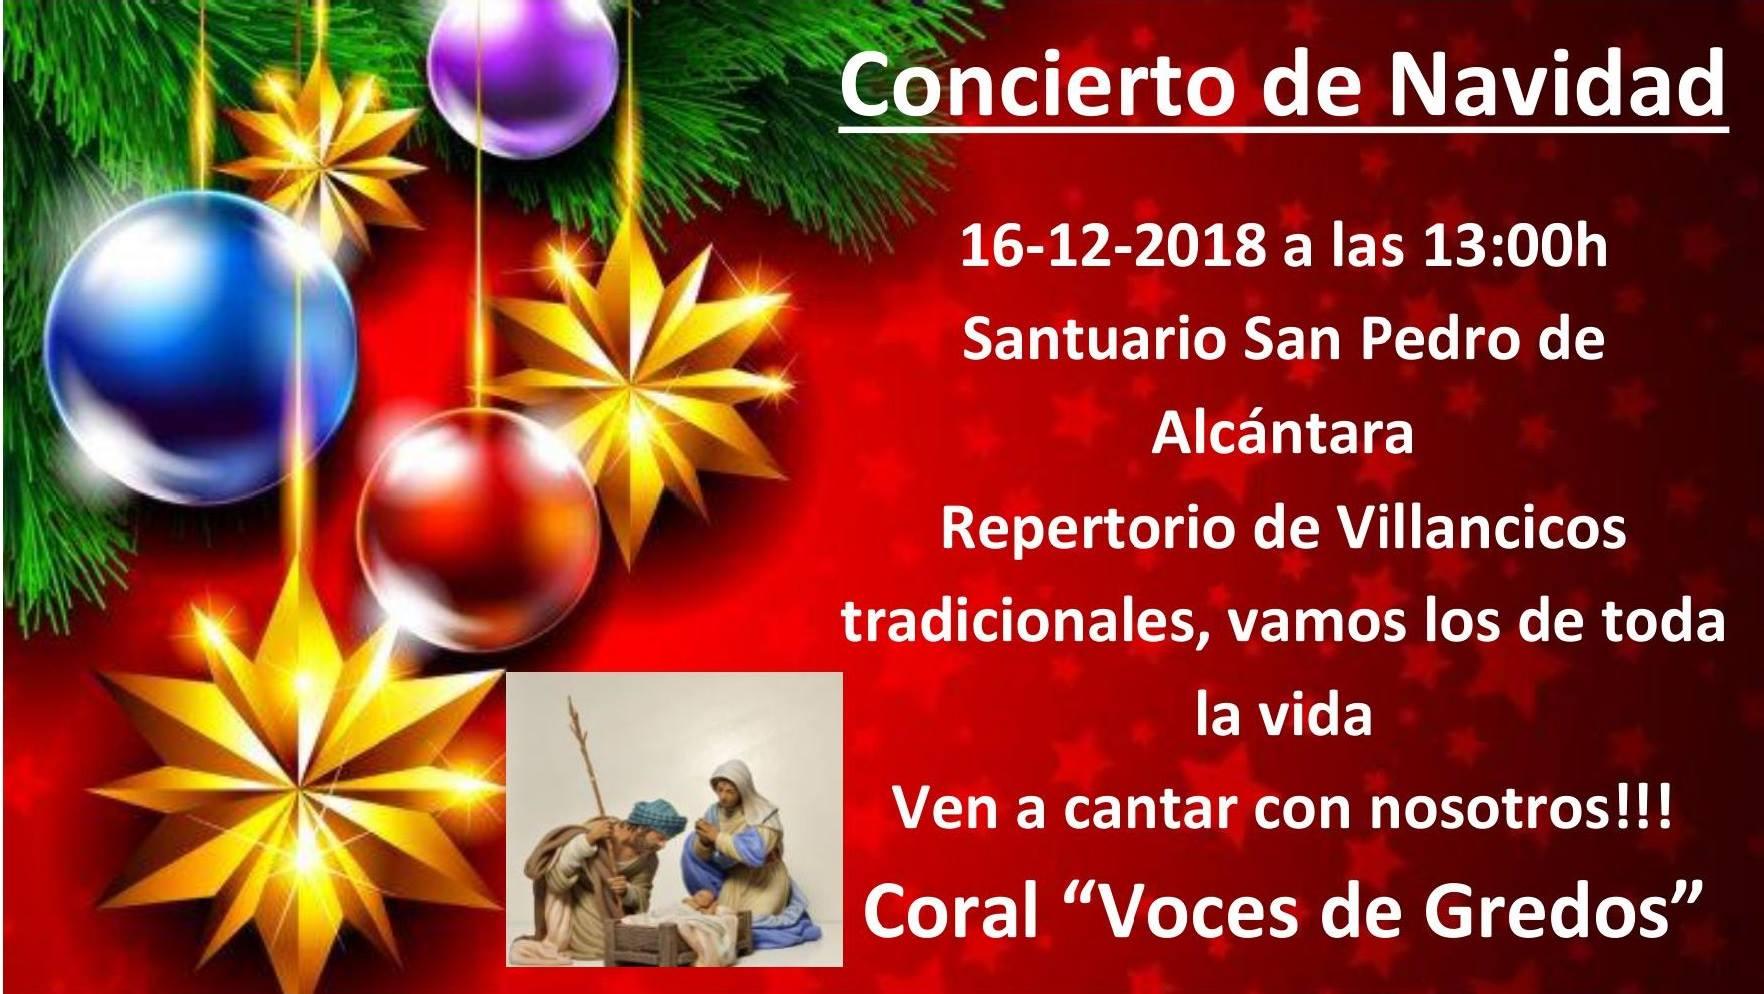 Concierto Coral Voces de Gredos - Arenas de San Pedro - TiétarTeVe